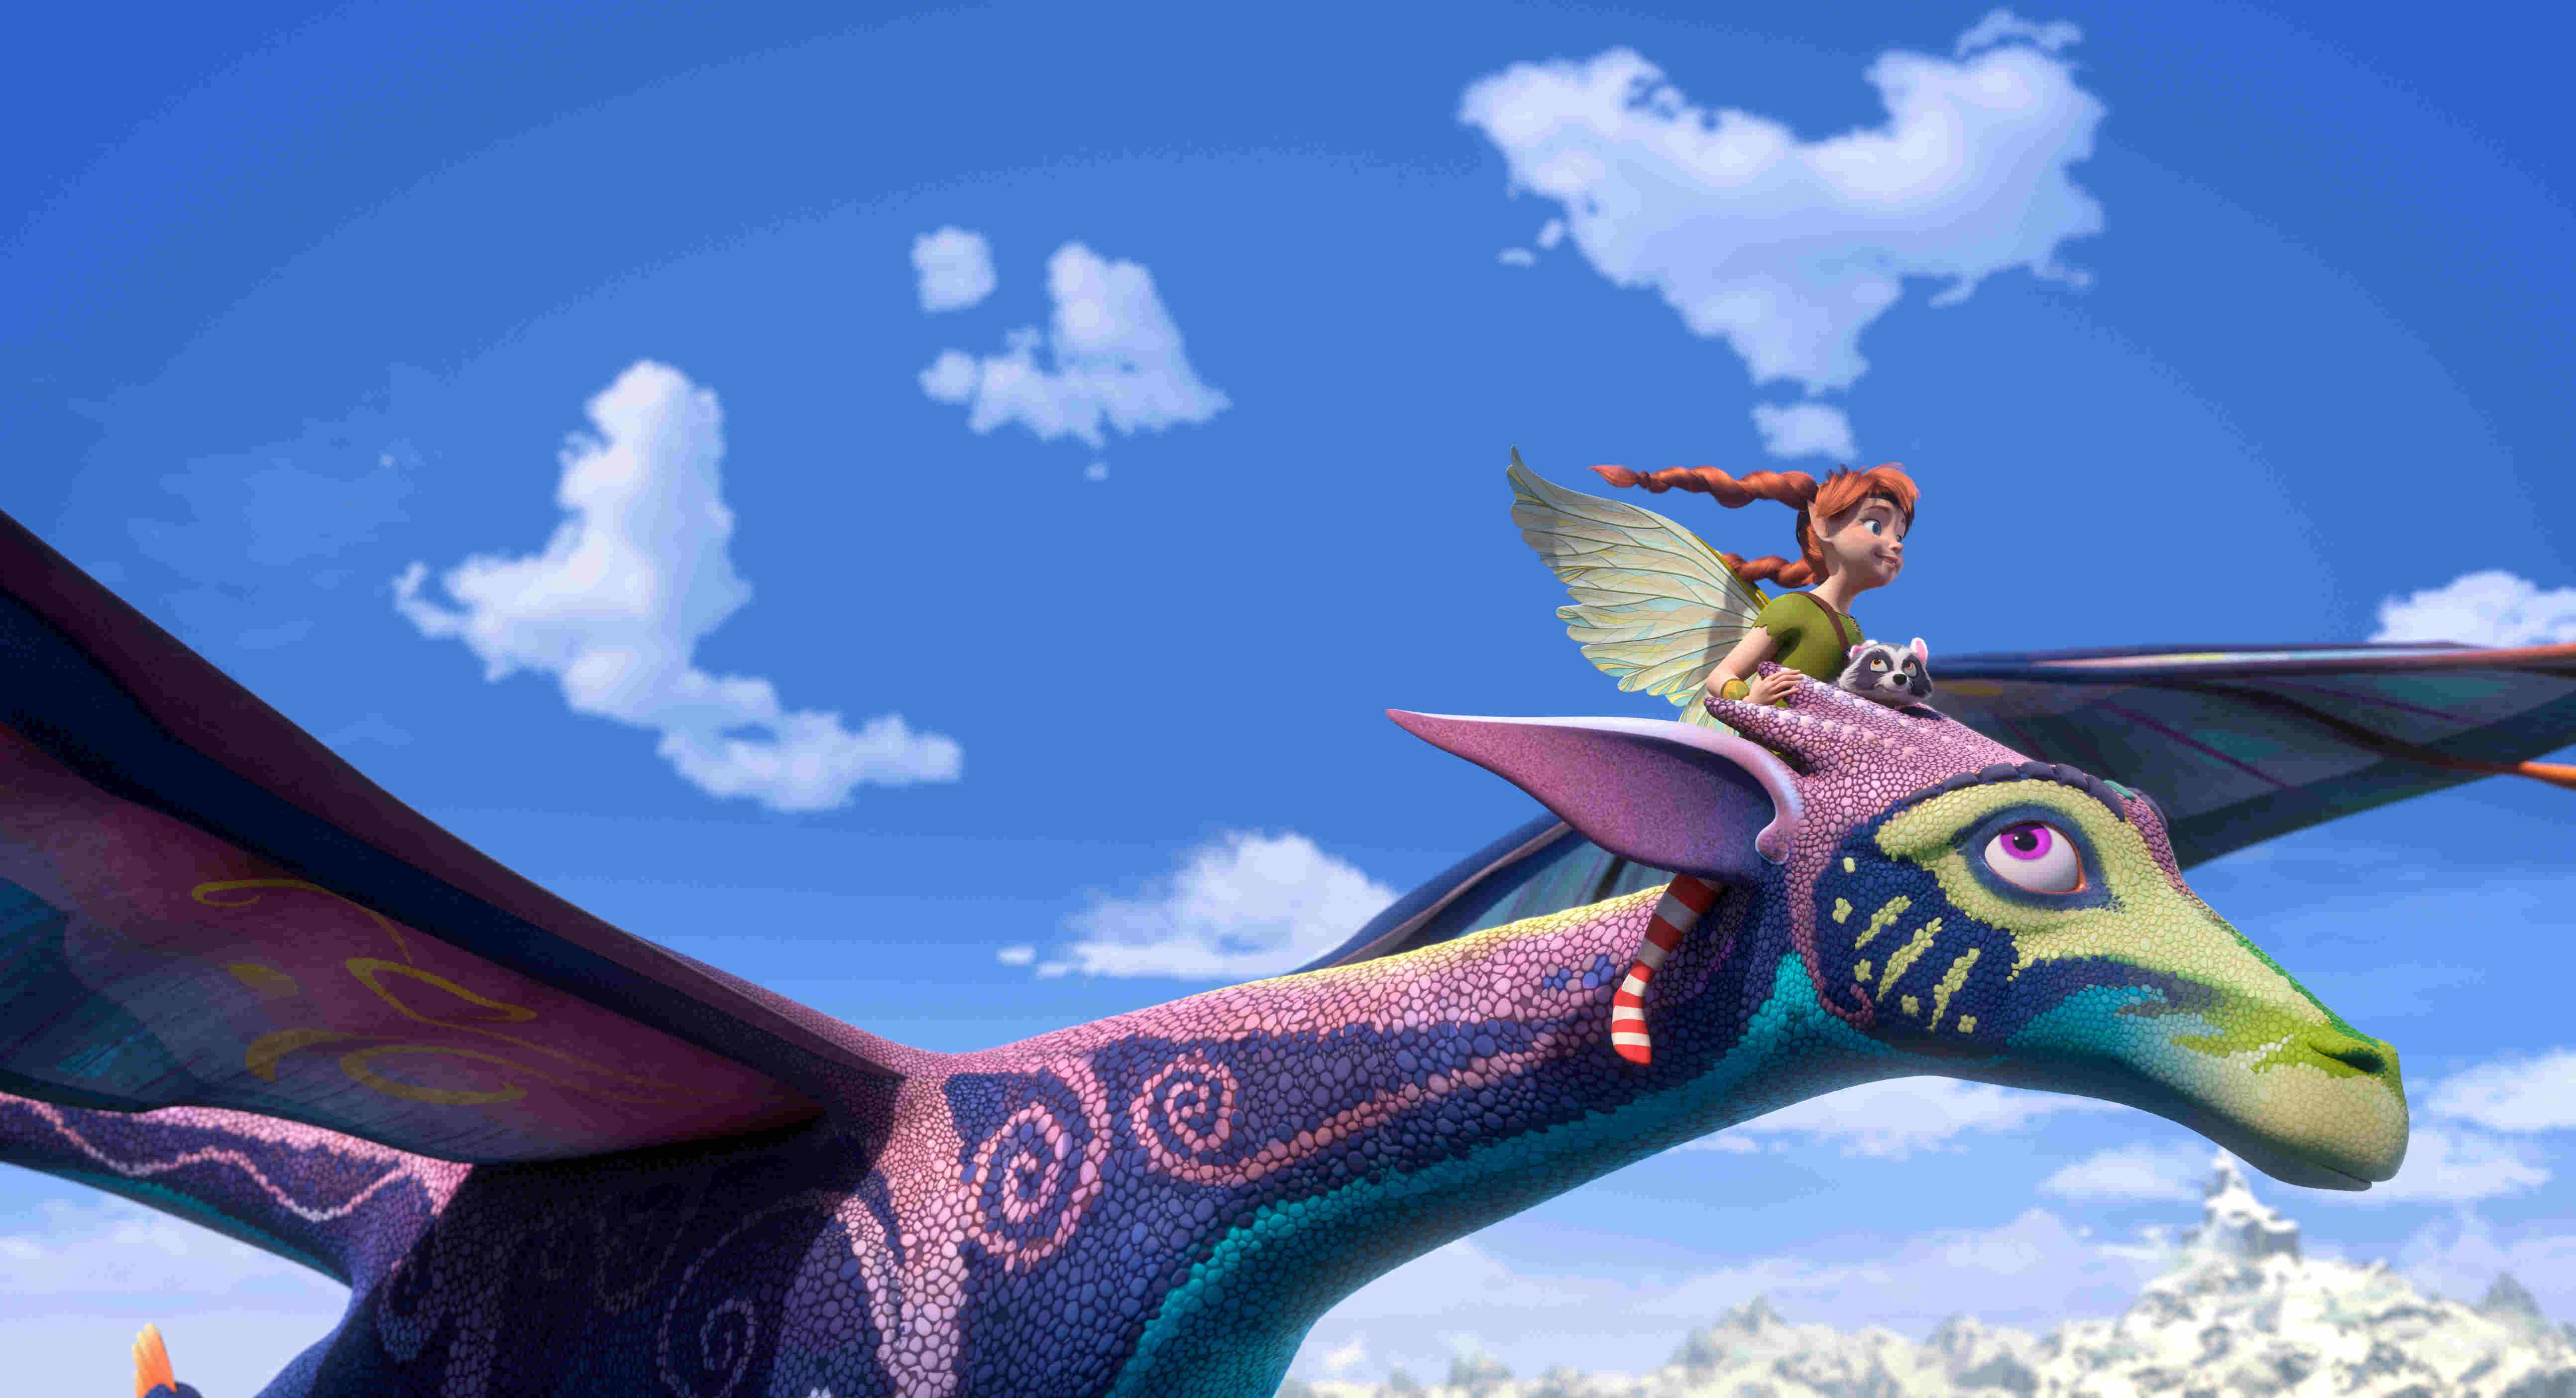 《巴亞拉魔幻冒險》劇情結合了龍與魔法的傳奇